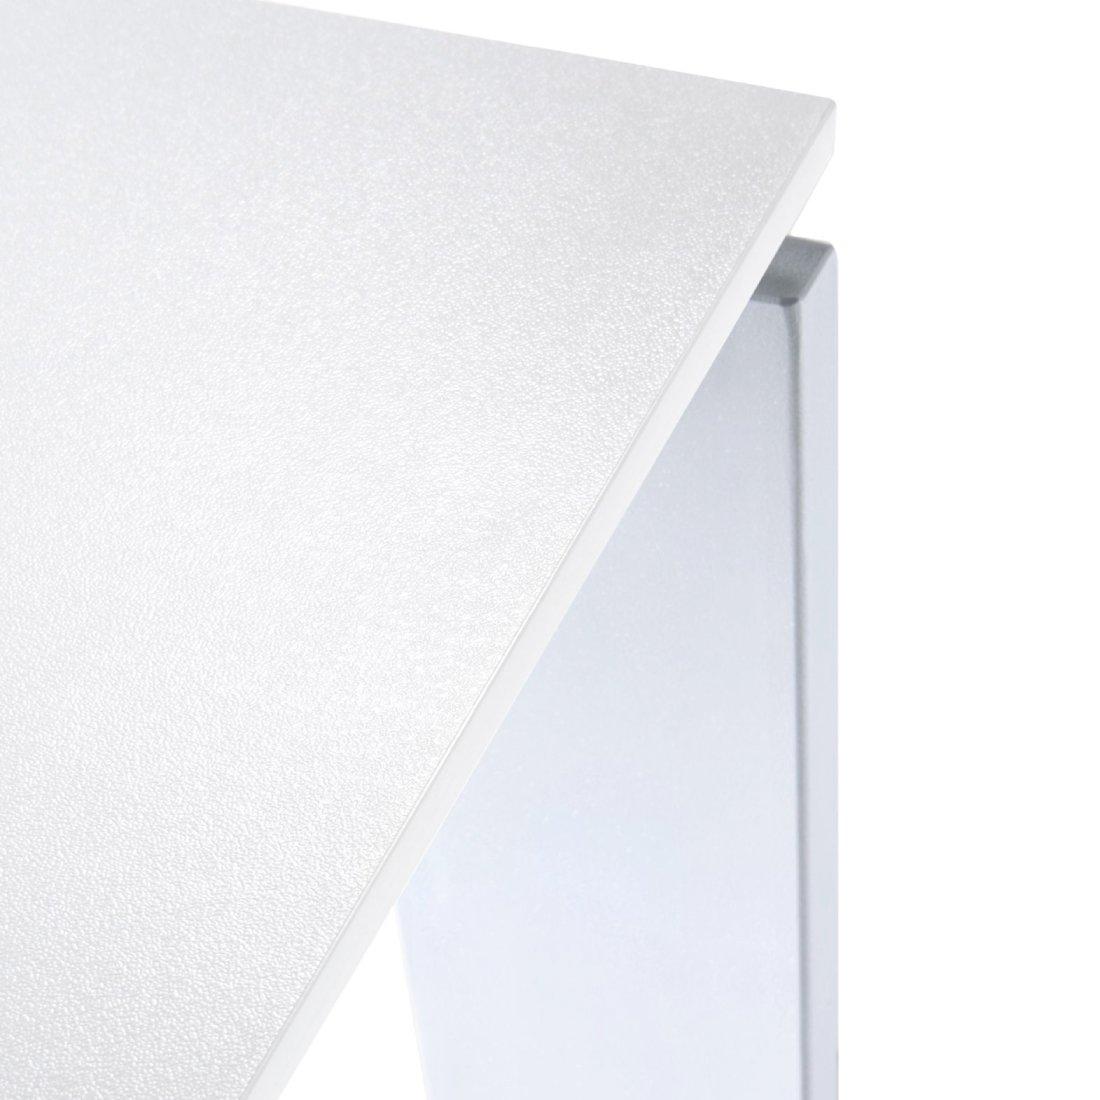 Kartell Four Eettafel 158 x 79 cm - Wit - Aluminium